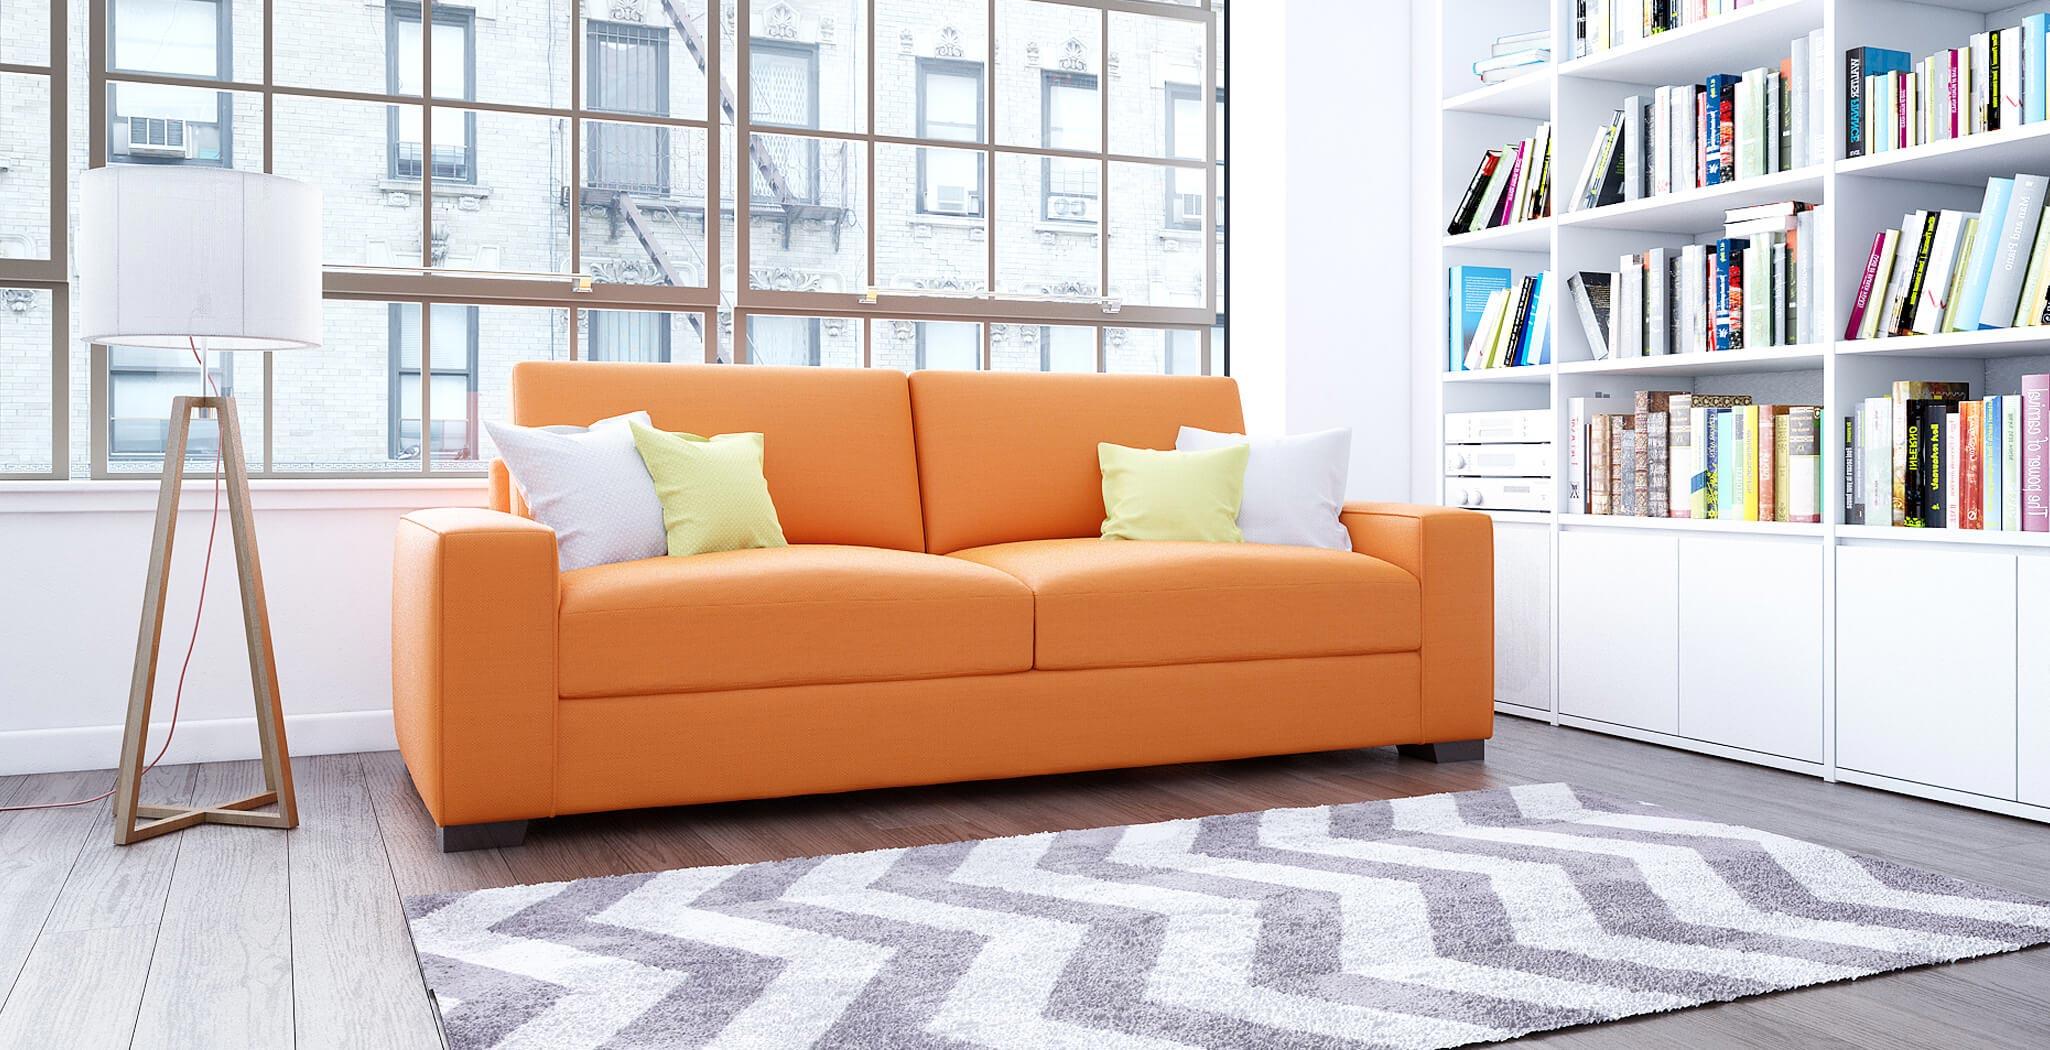 monaco sofa furniture gallery 1